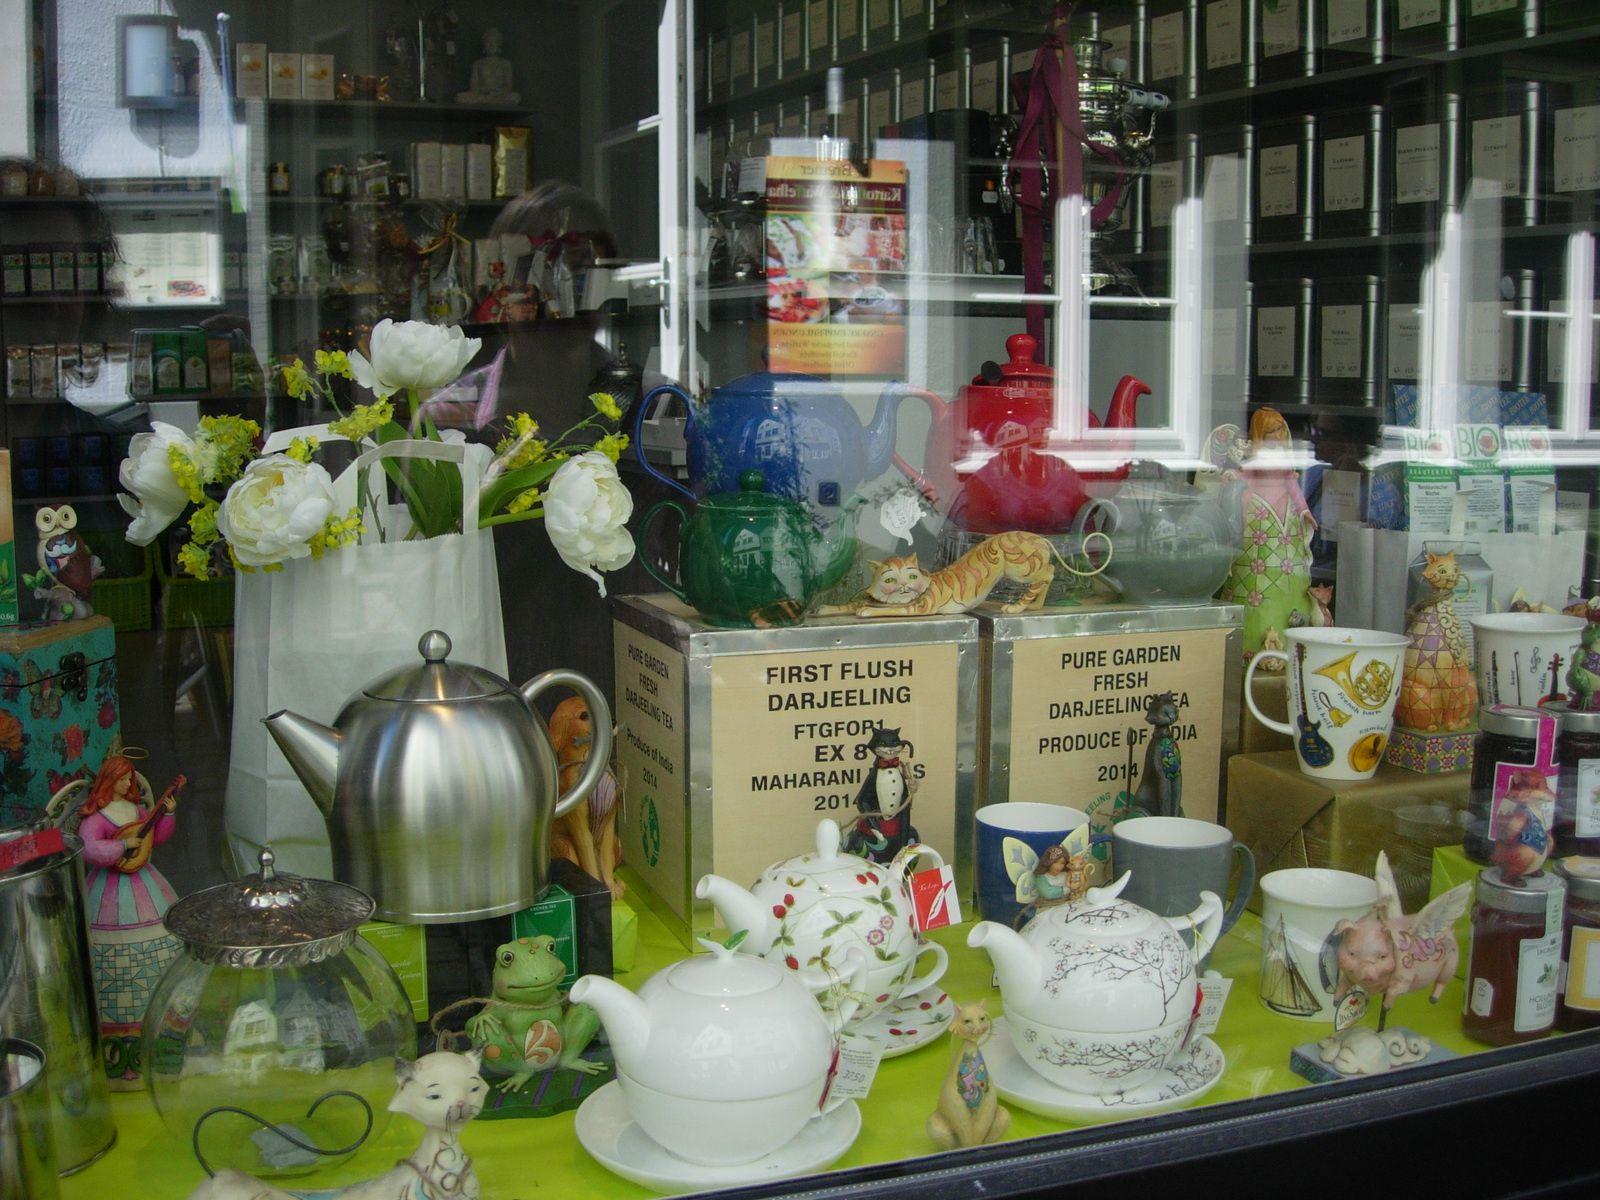 """Séjour en Basse Saxe : le charme des fermes anciennes à colombages, les Musiciens de Brème, des boutiques d'antiquaires de l'Ostertor Viertel, l'ancien quartier de pêcheurs """"le Schnoor"""" et une boutique de jouets anciens, une vitrine de théières, l'enseigne d'un restaurant."""